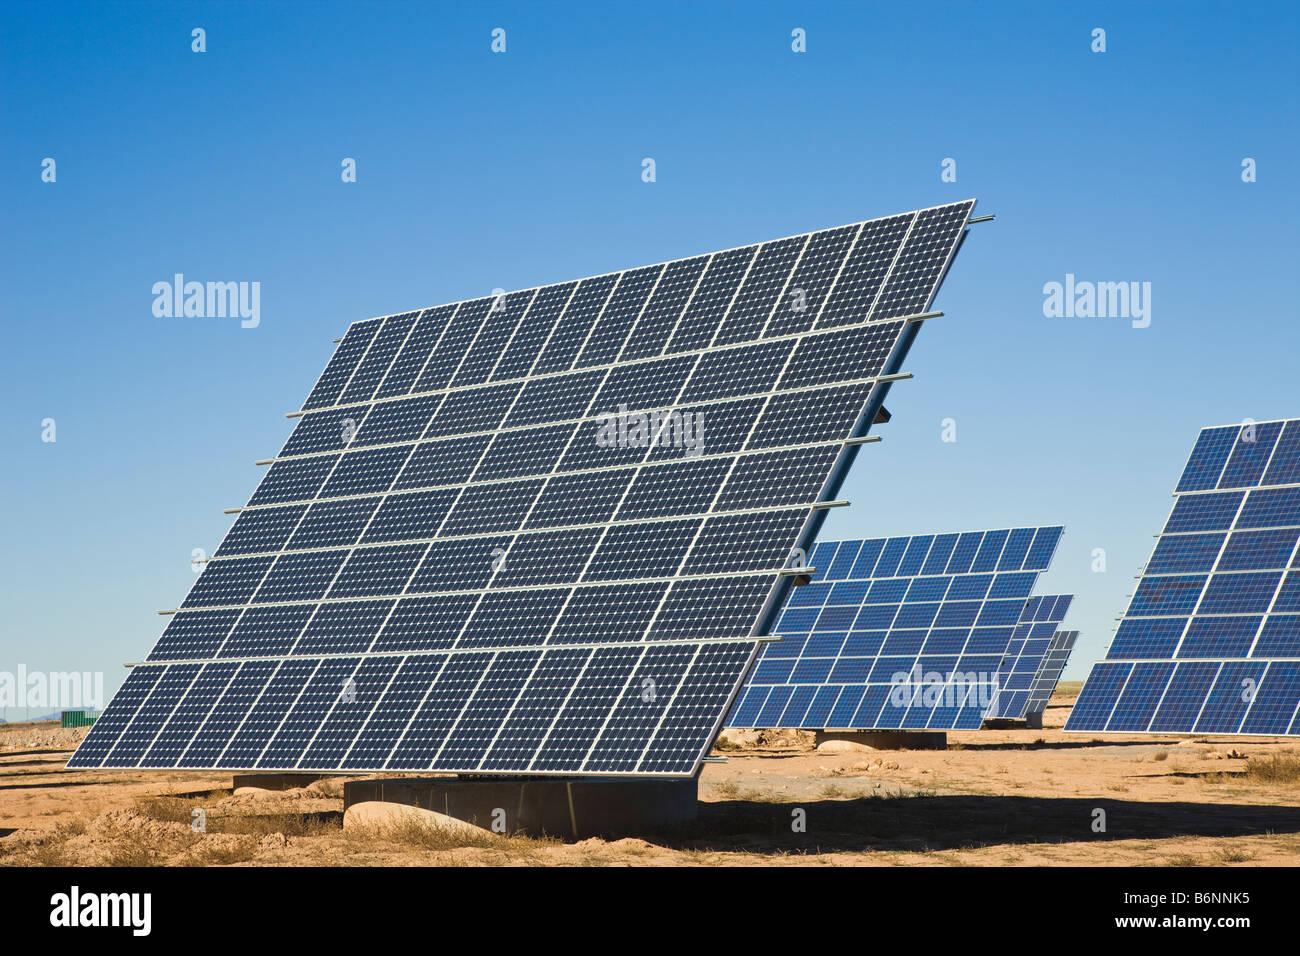 Energia solare centro vicino La Calahorra provincia di Granada Spagna Immagini Stock